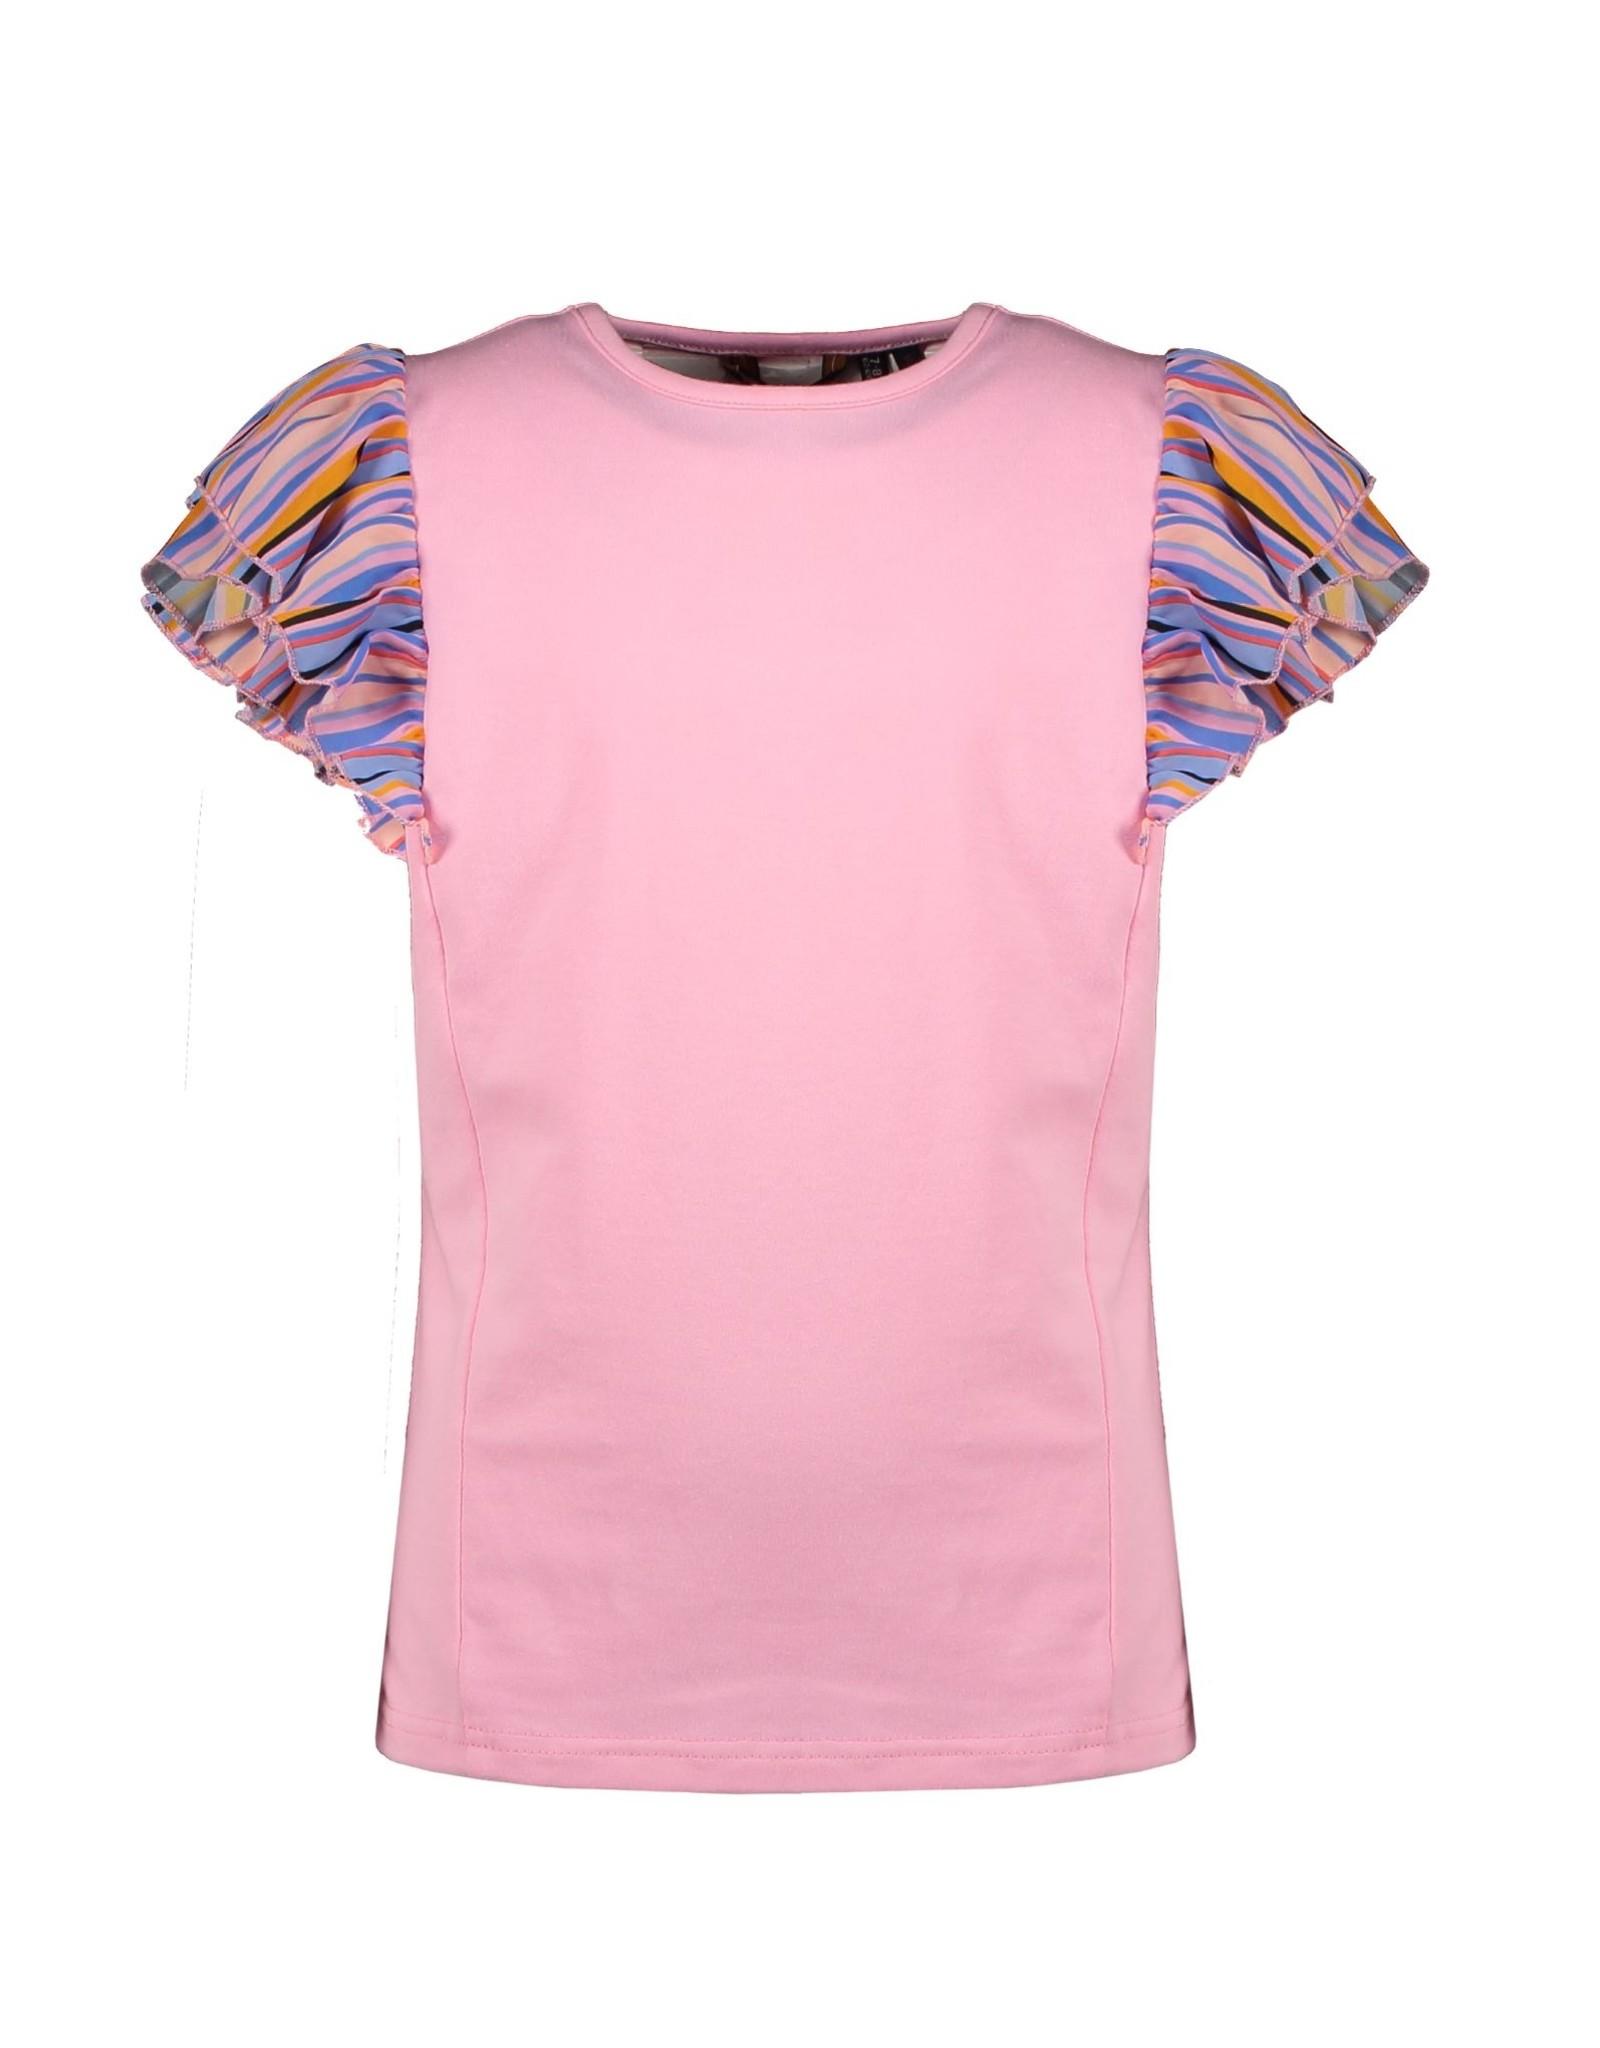 NONO NONO shirt 5407 loving pink